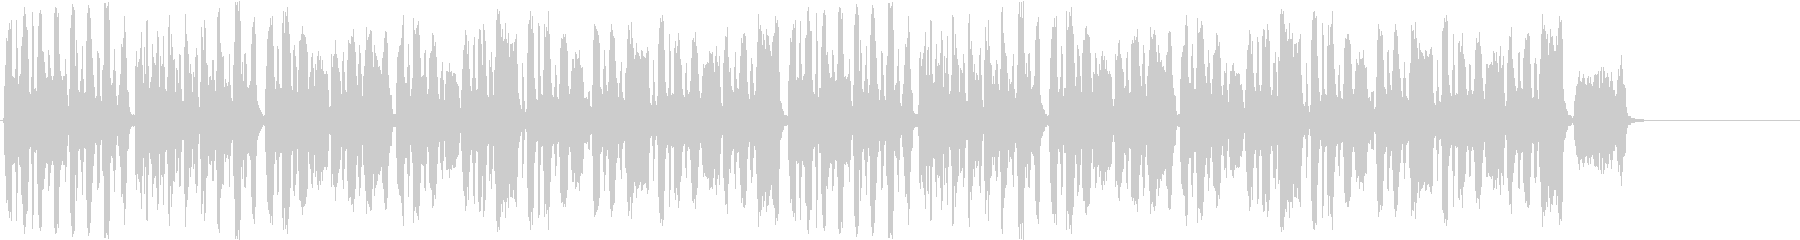 ボリビアのパイプで演奏された古いカ...の未再生の波形